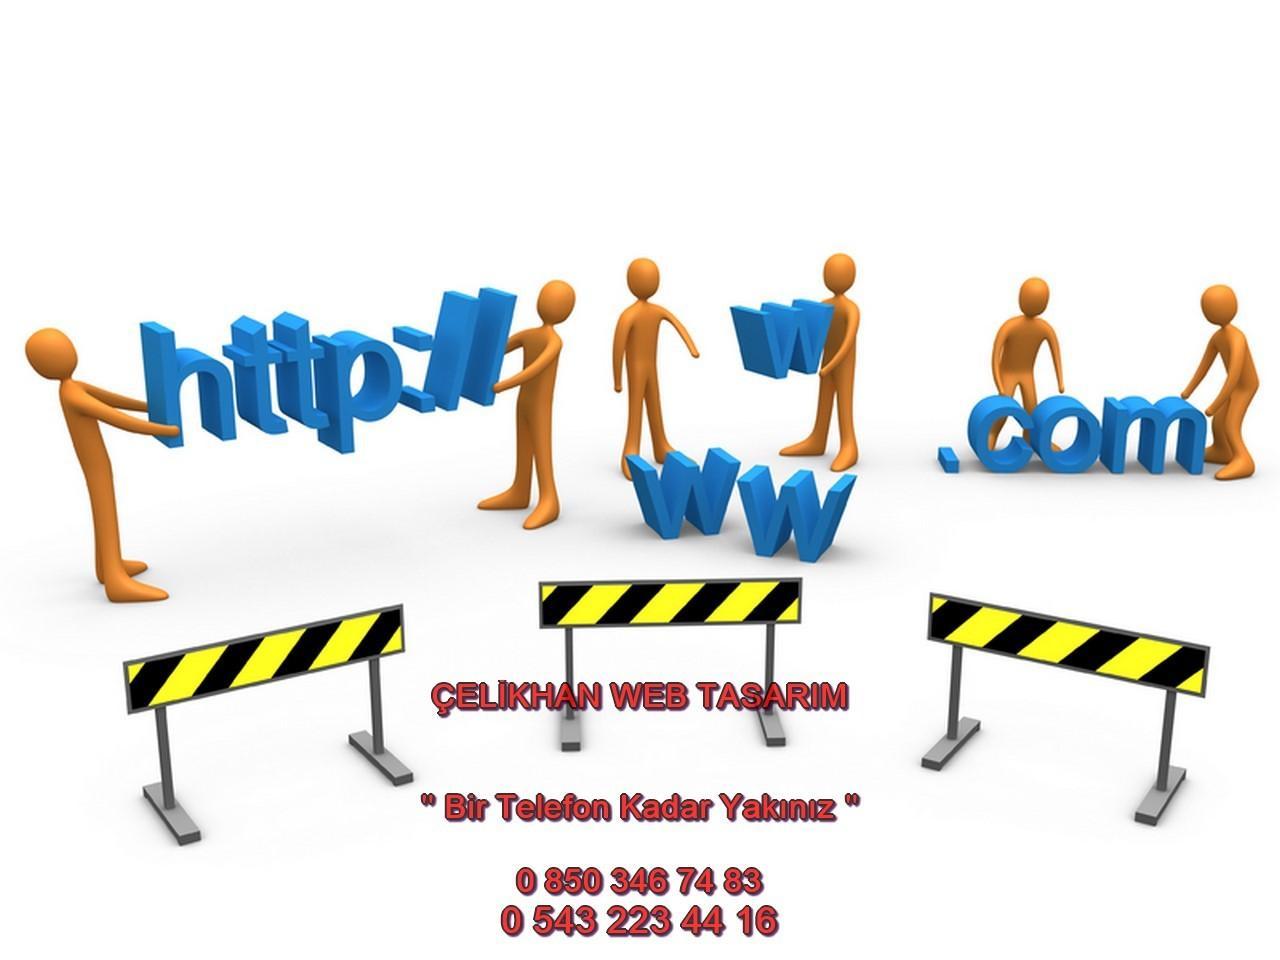 Çelikhan Web Tasarım